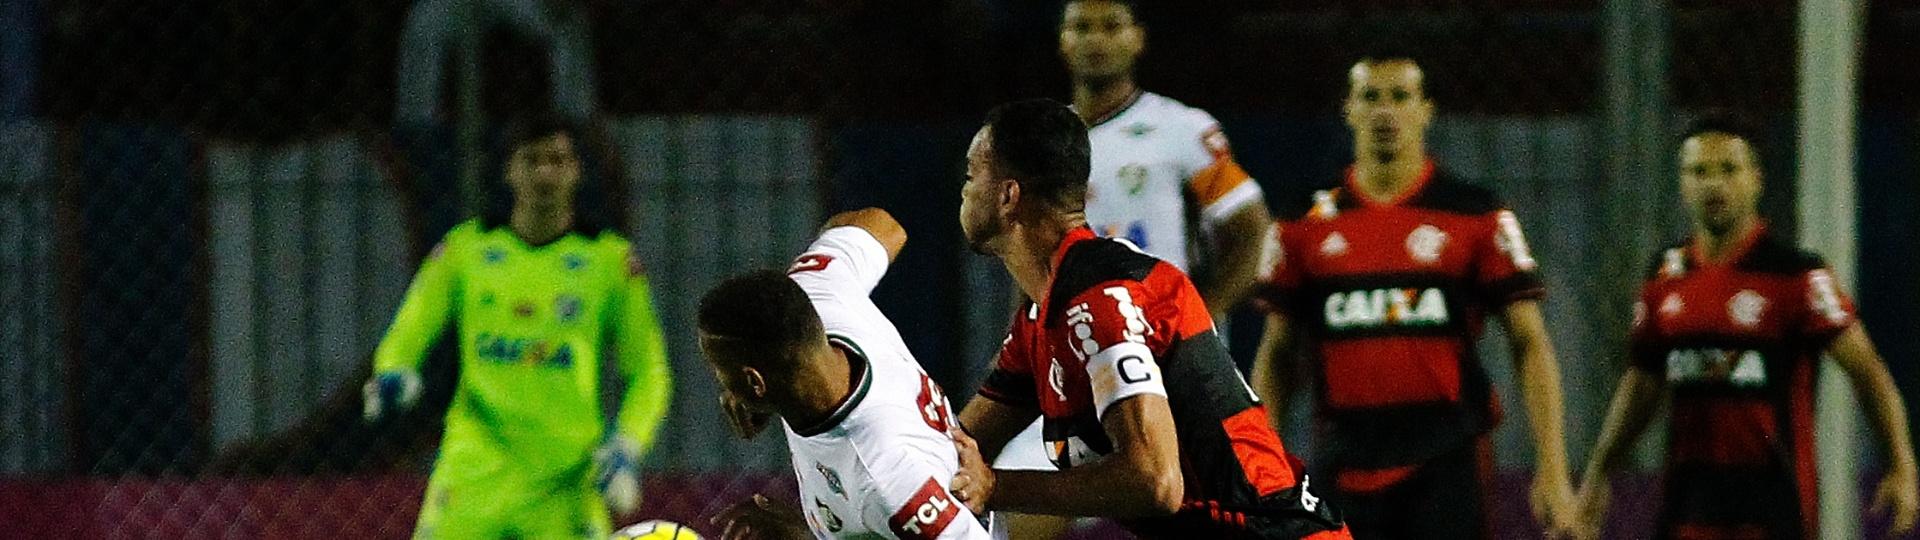 Flamengo e Fluminense se enfrentam em Volta Redonda